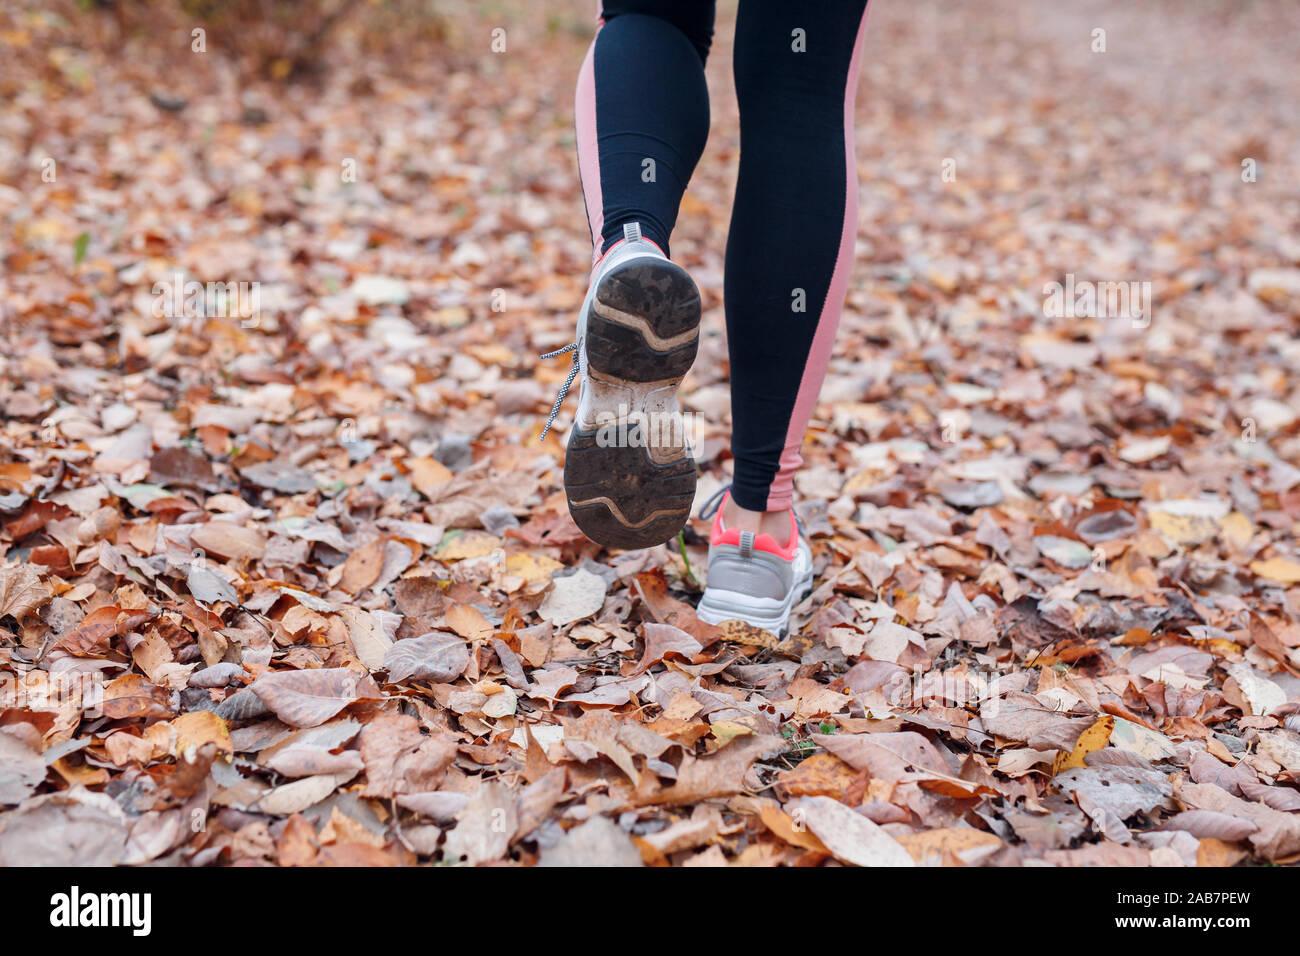 In der Nähe der Füße ein Läufer läuft im Herbst Blätter in Park Stockfoto